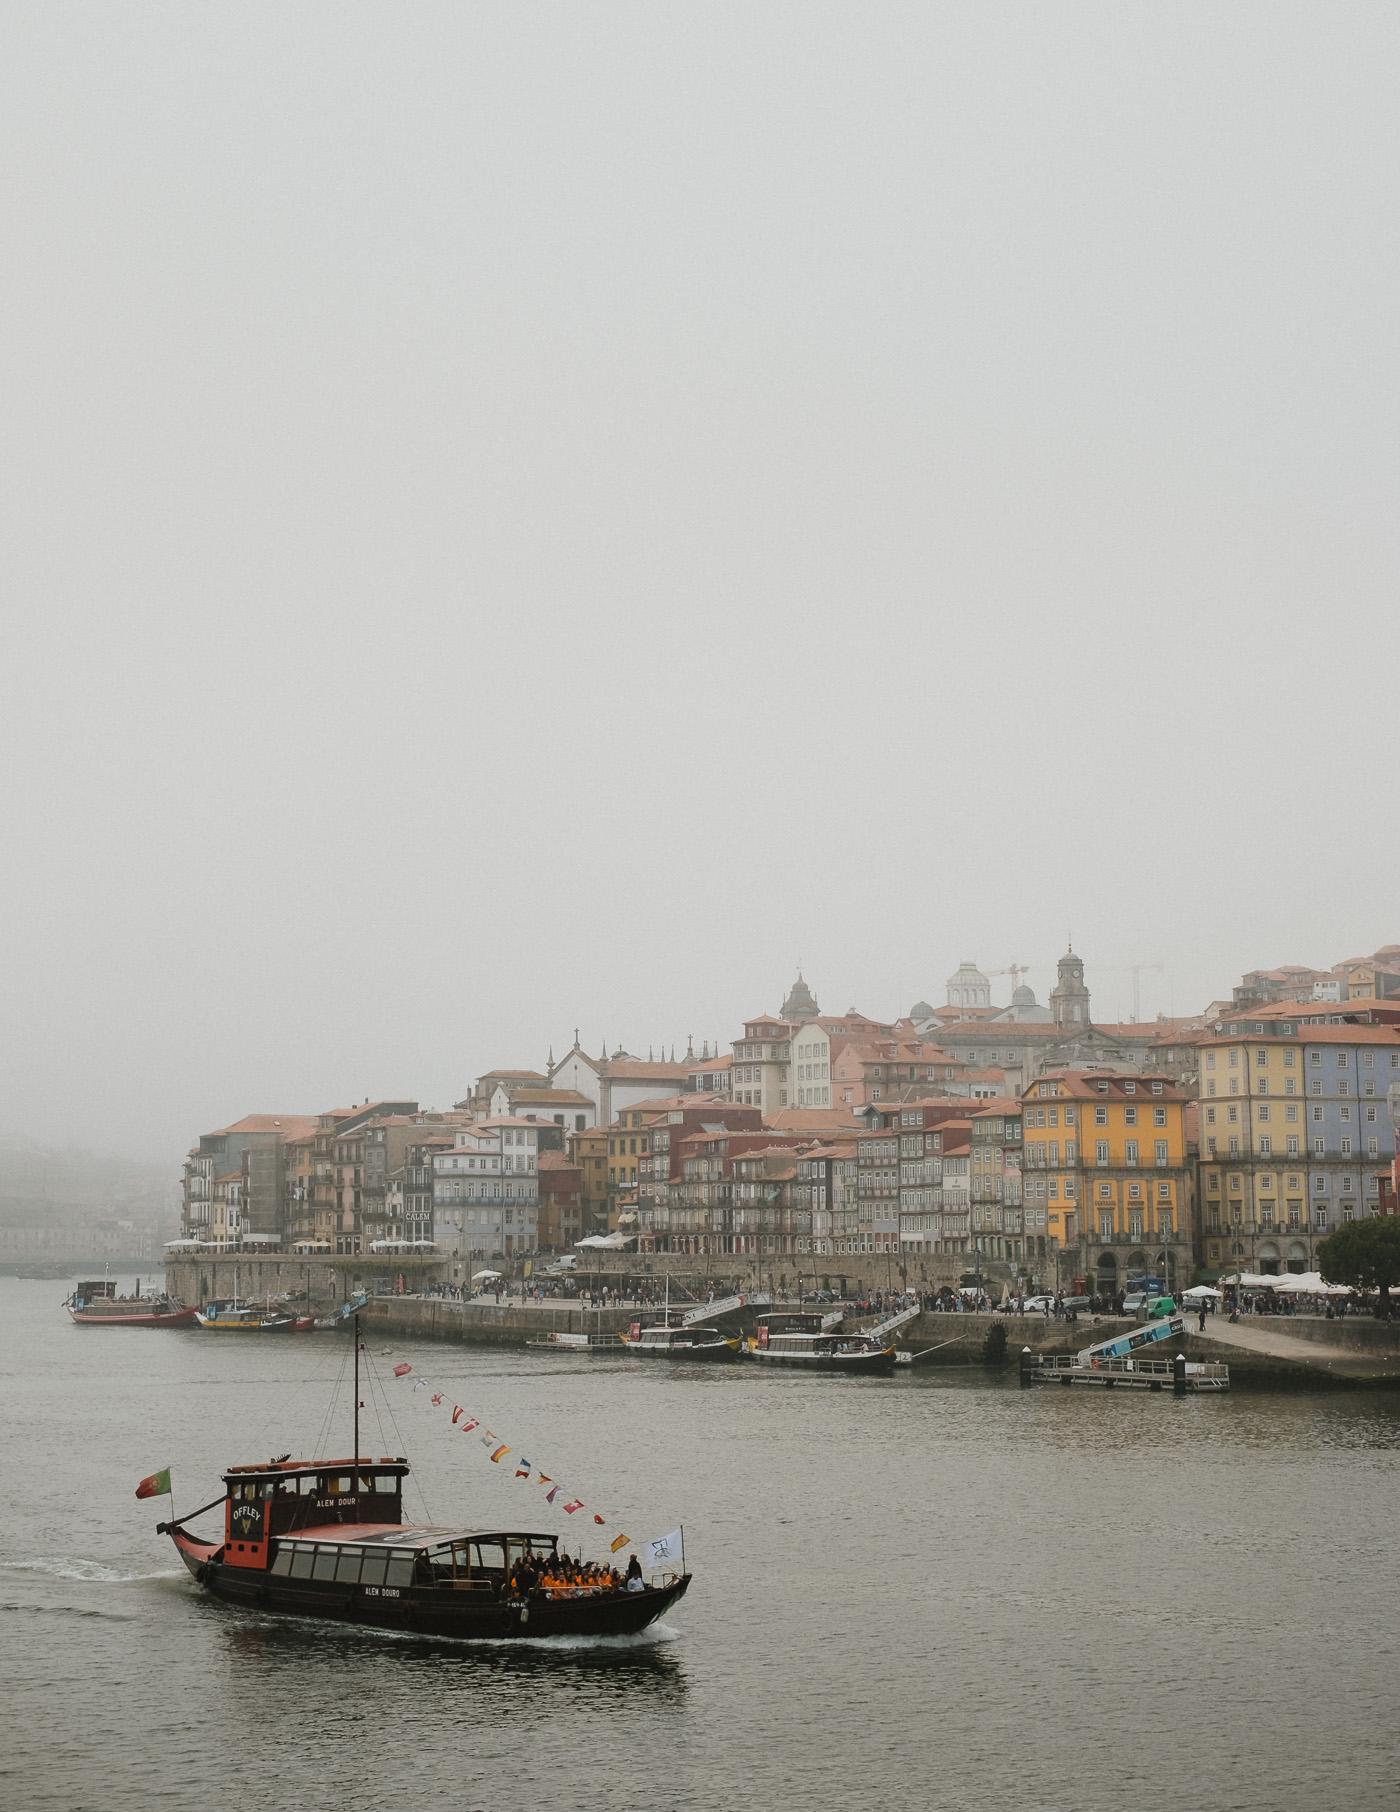 porto-douro-river